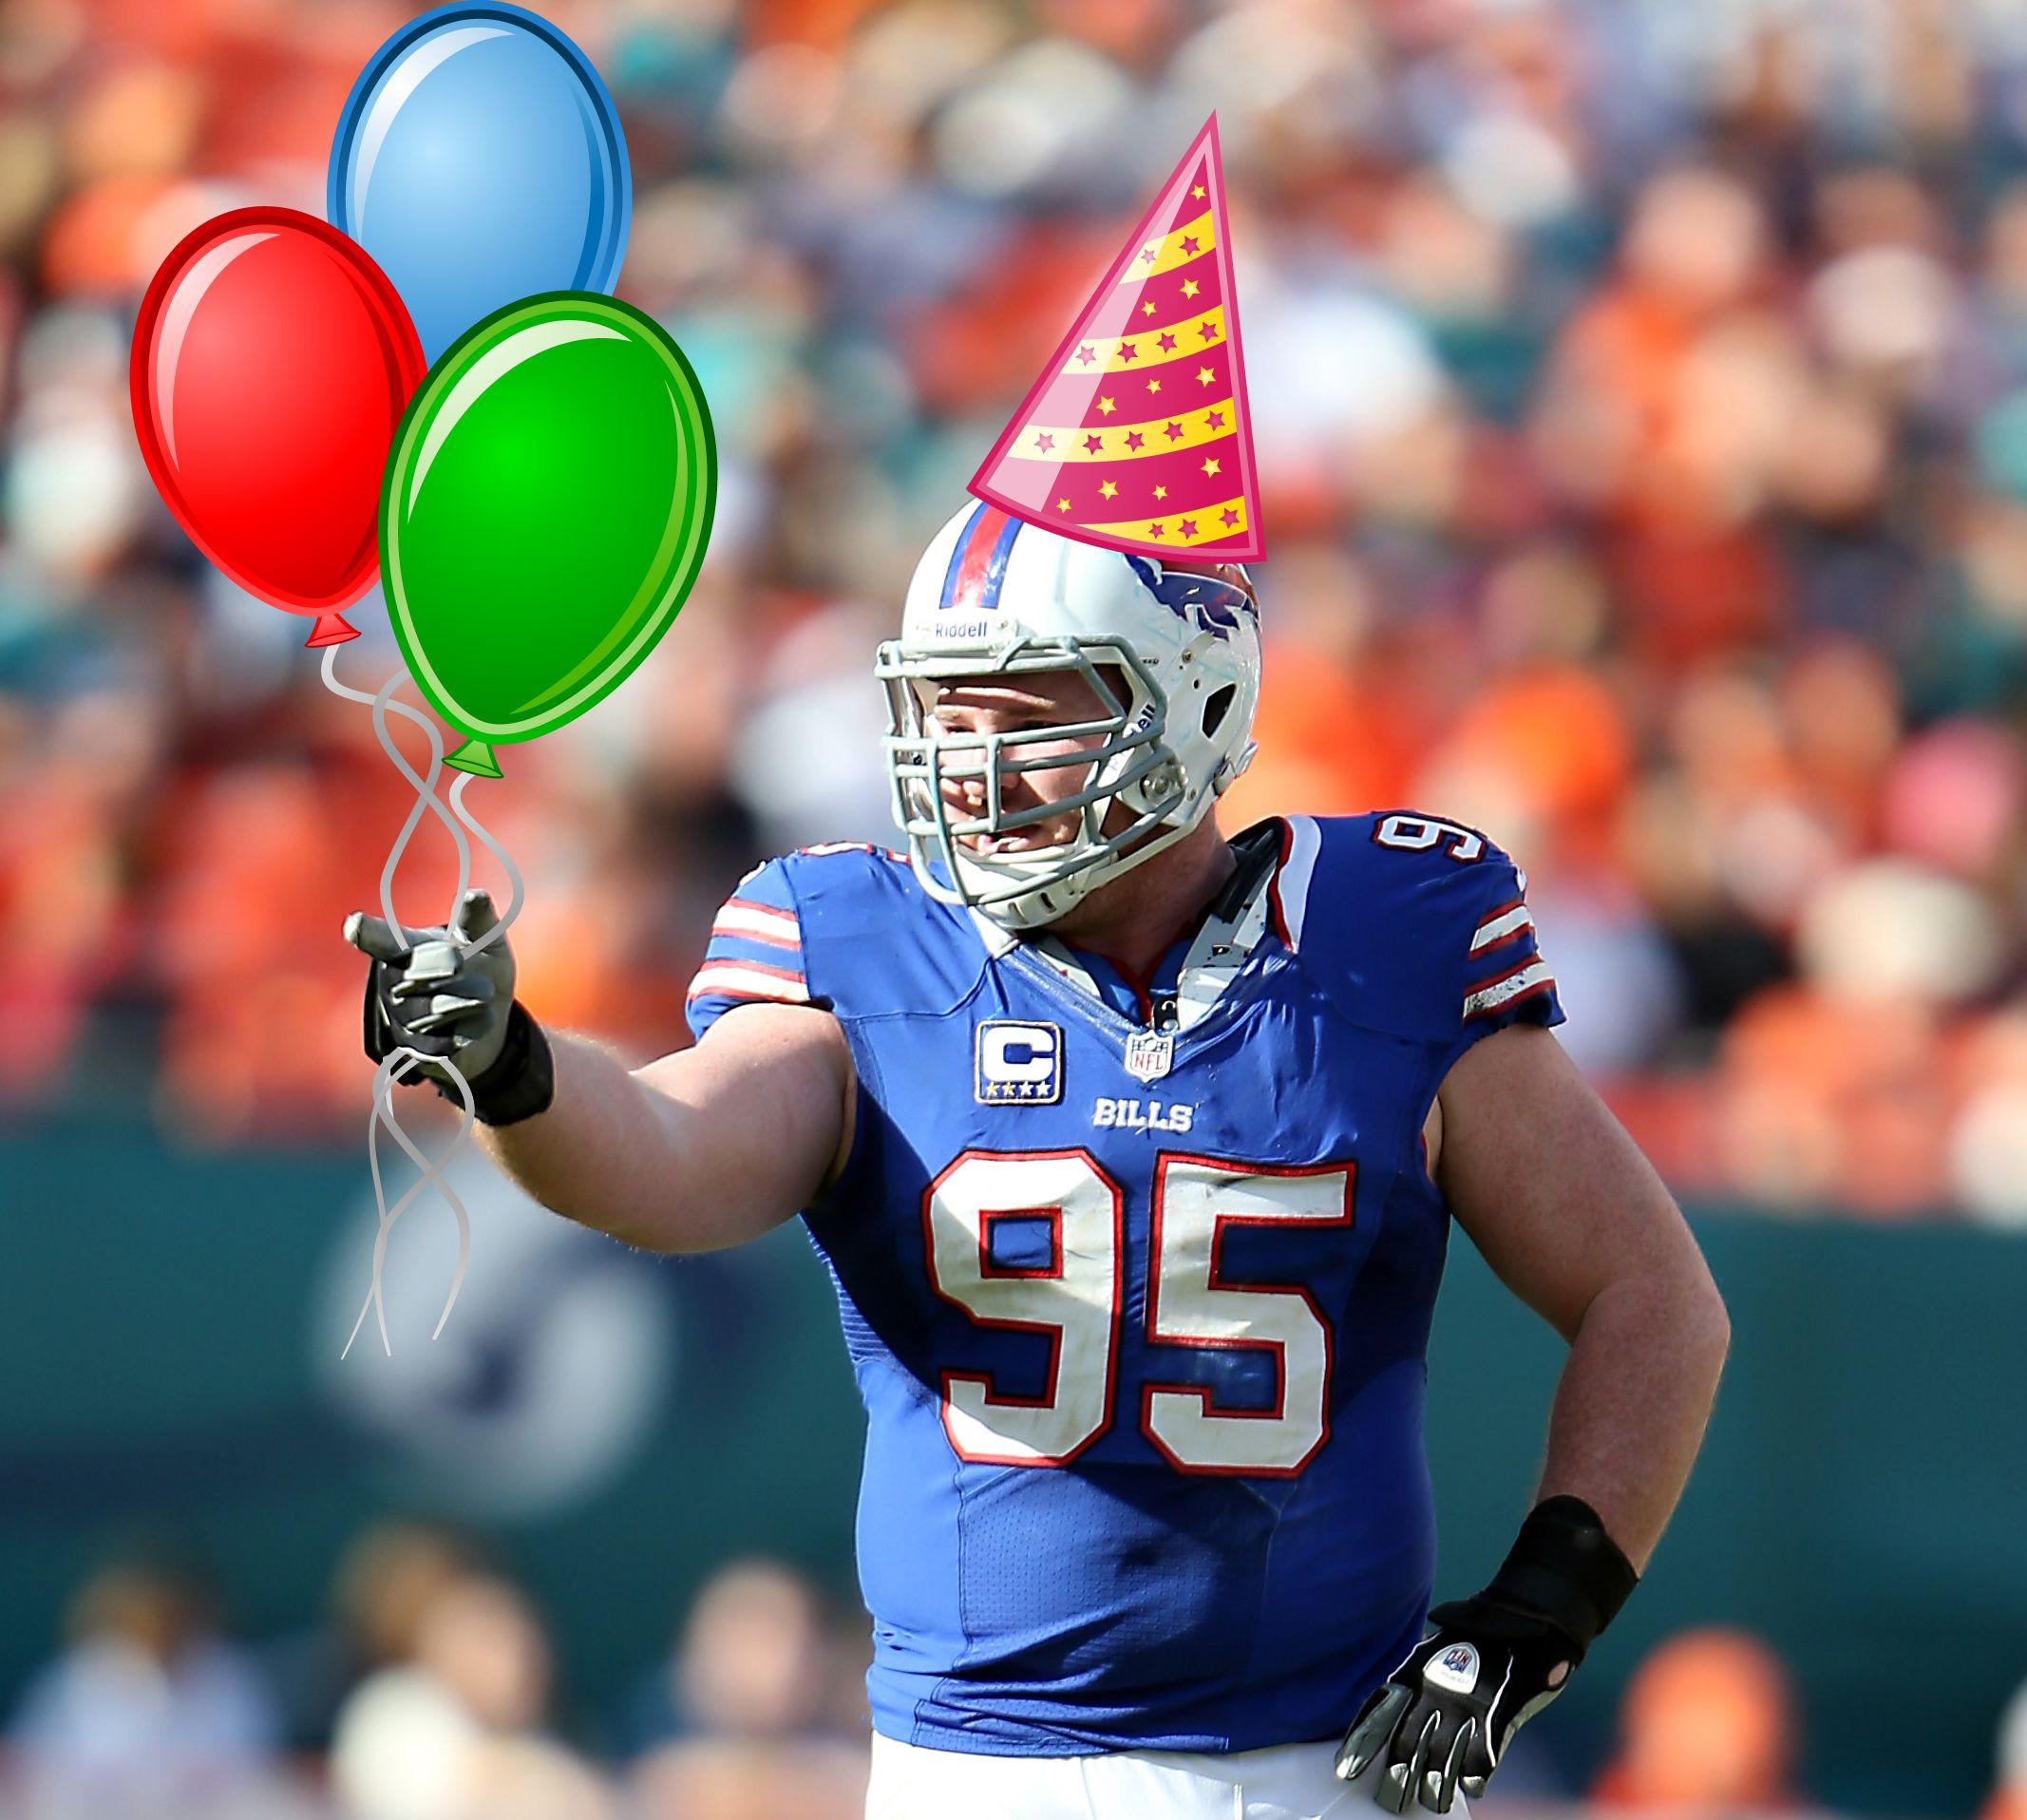 Happy 30th birthday to Bills DE Kyle Williams! Happy